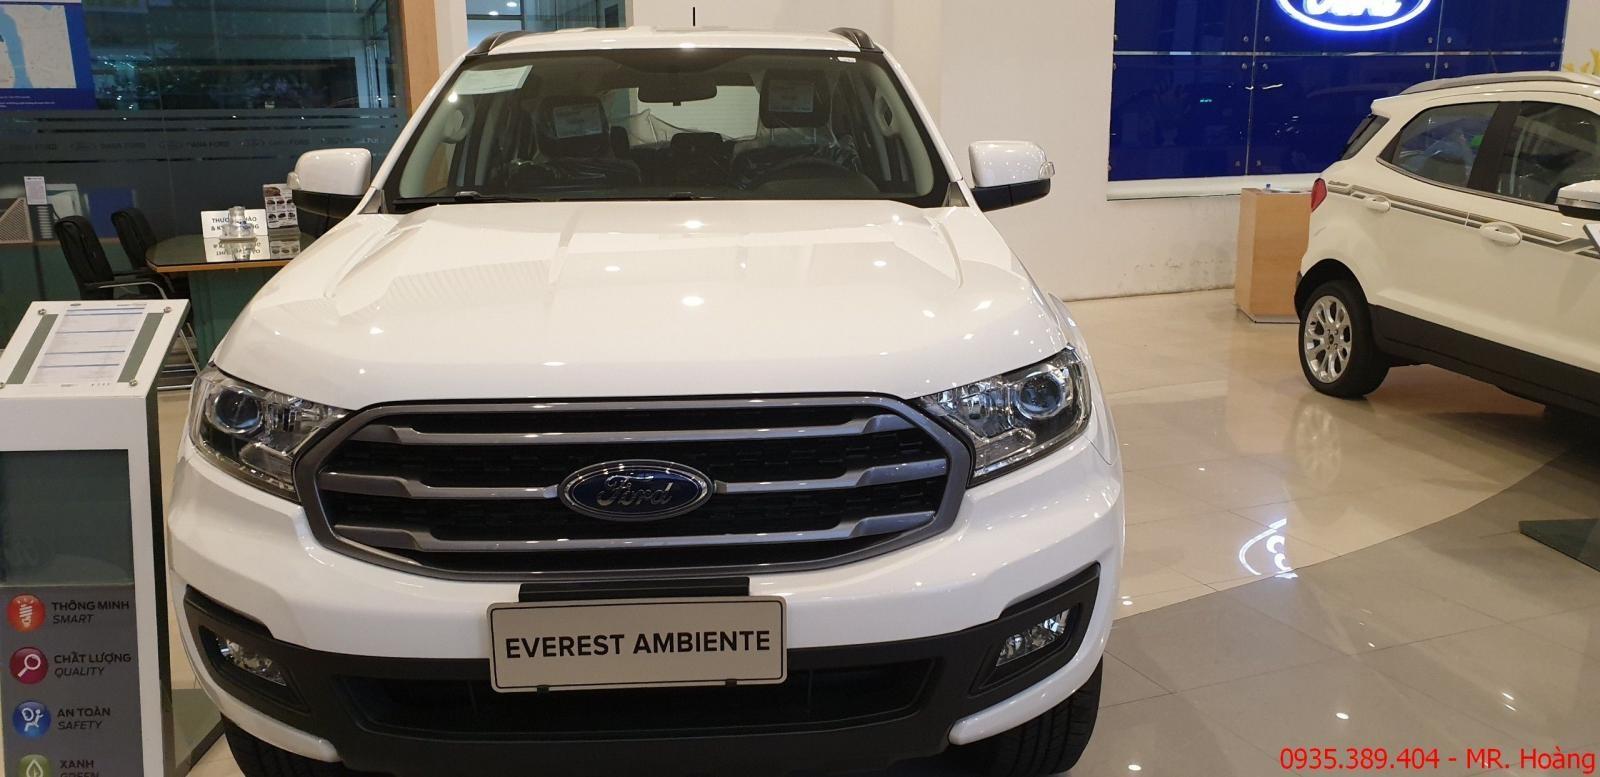 Bán Ford Everest 2020 hoàn toàn mới - Giá cực sốc LH 0935.389.404 Hoàng - Ford Đà Nẵng